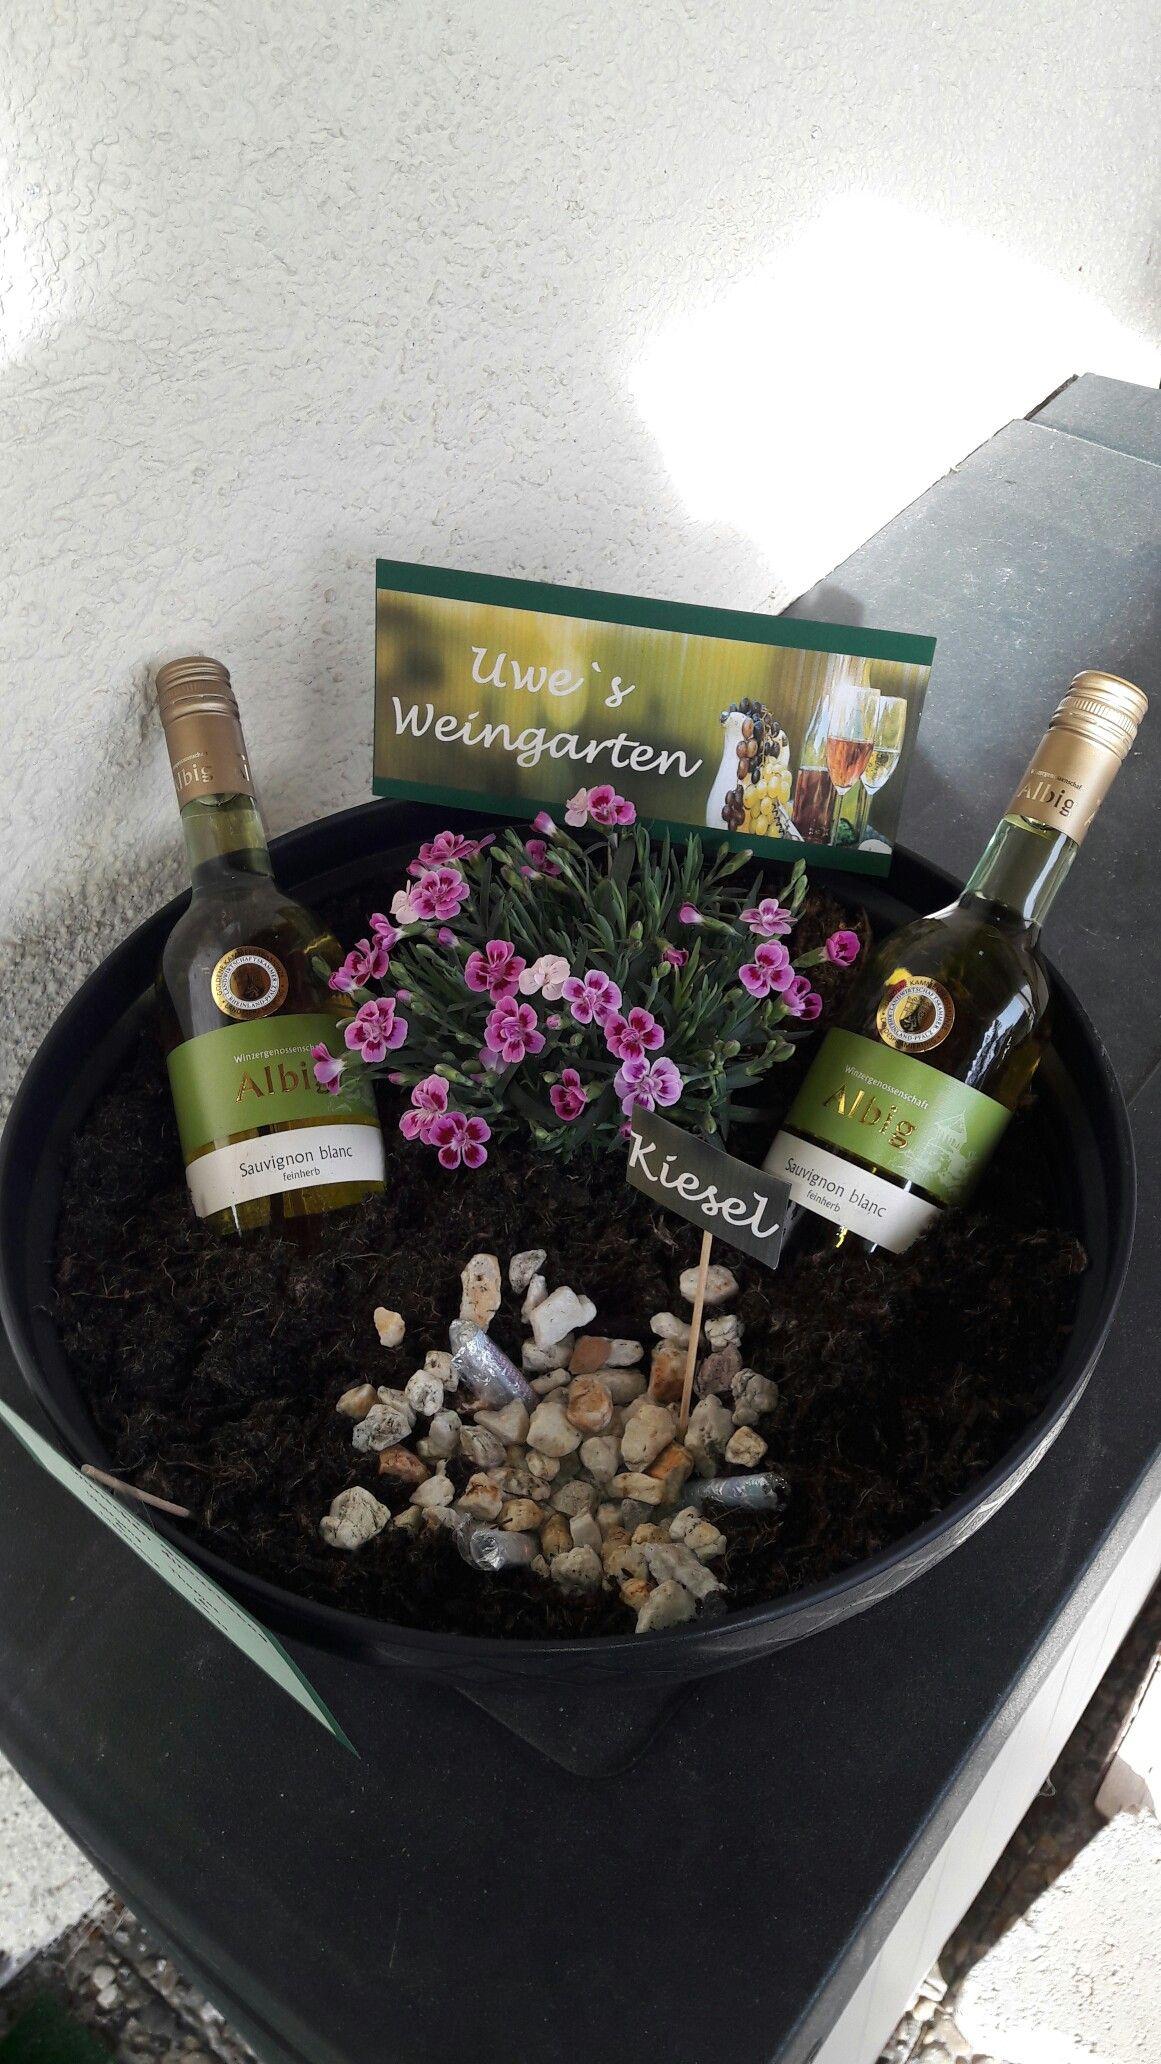 Alzey Geldgeschenke Geschenk Zum 60 Geburtstags